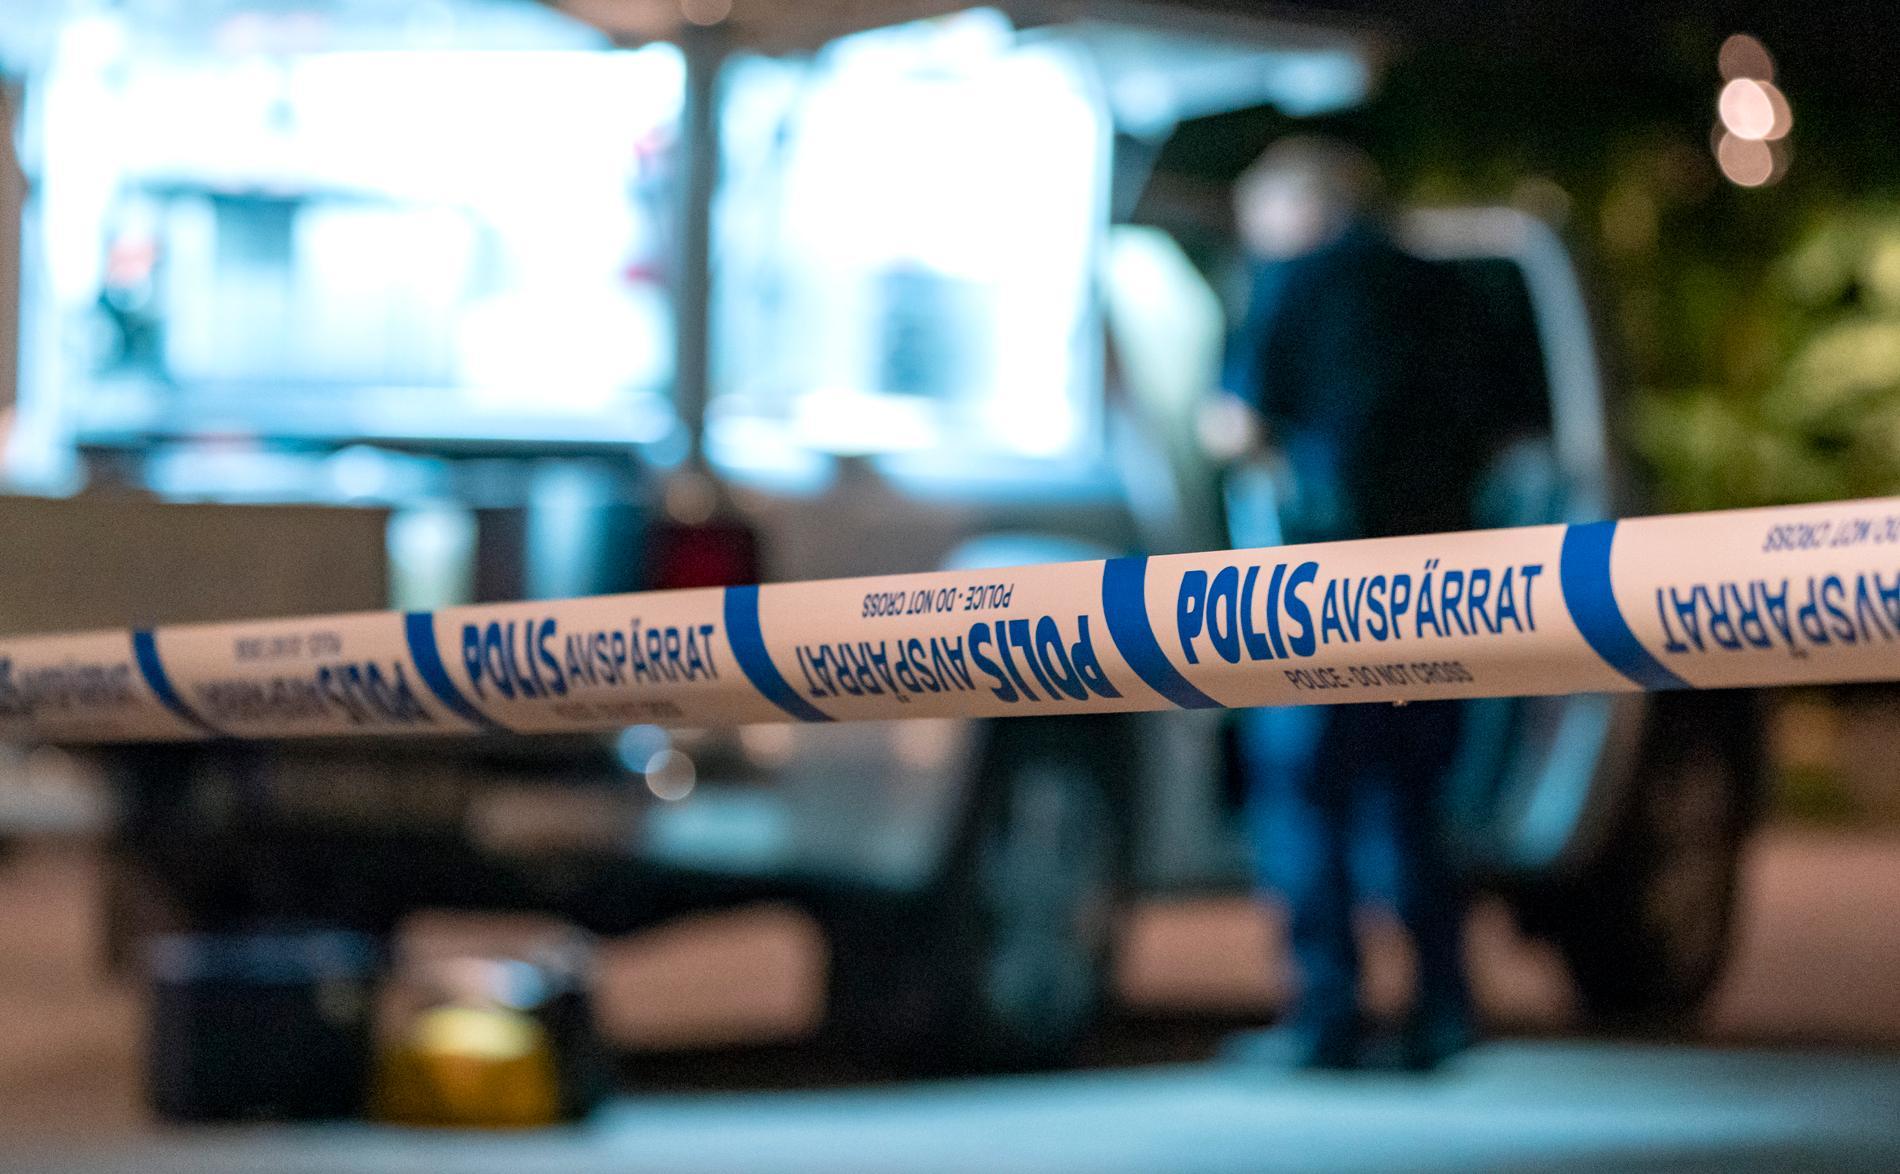 En man i 25-årsåldern skadades allvarligt vid ett bråk vid en restaurang i centrala Stockholm sent på lördagskvällen.